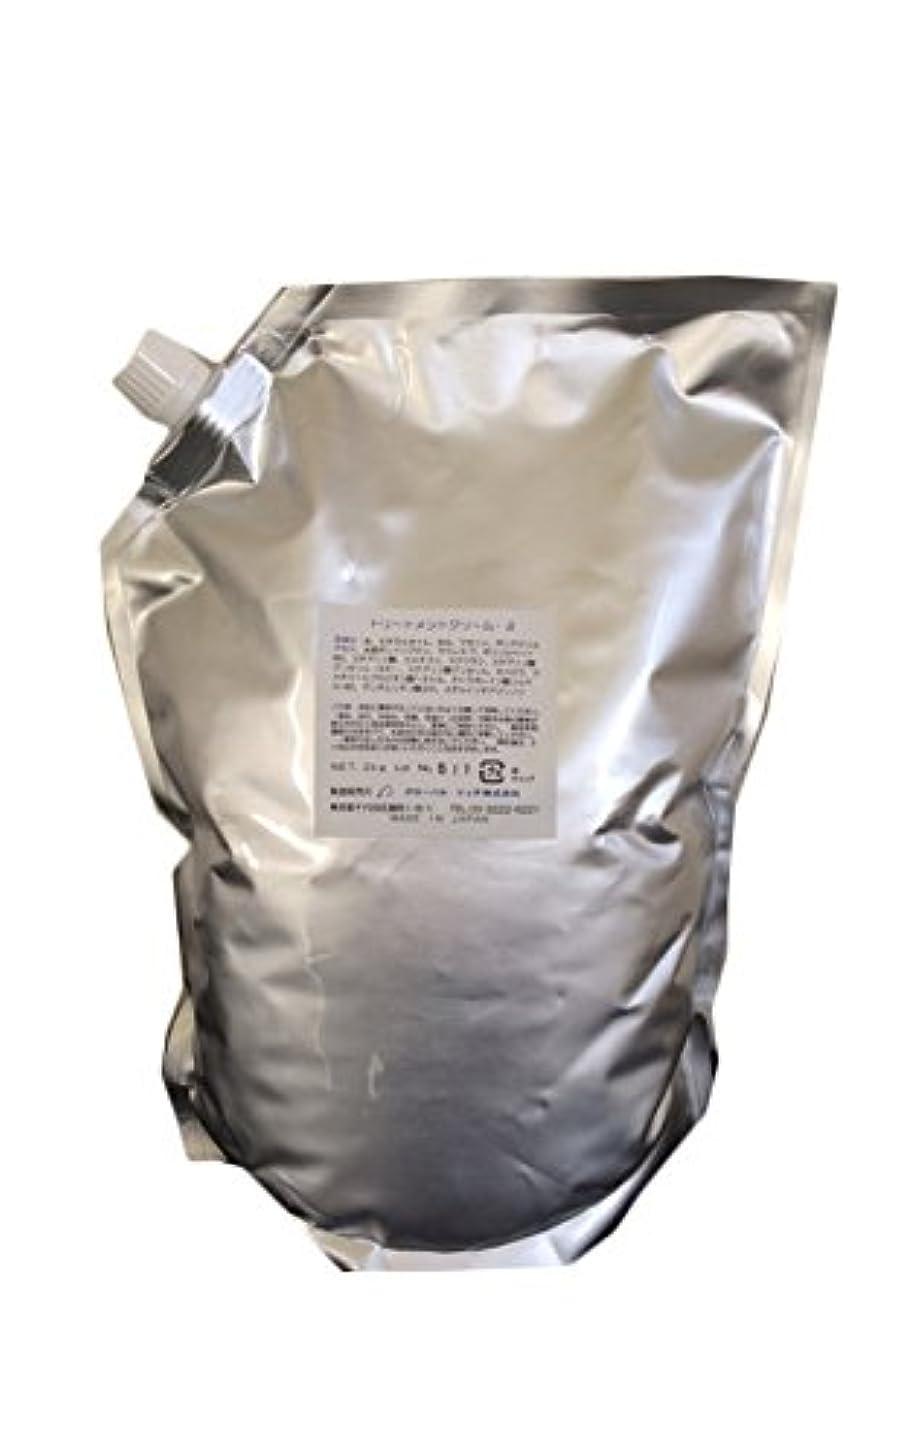 ペルセウスくしゃくしゃボウリング日本製 RFクリーム業務用2kg /スクワラン配合/ラジオ波 トリートメント クリーム